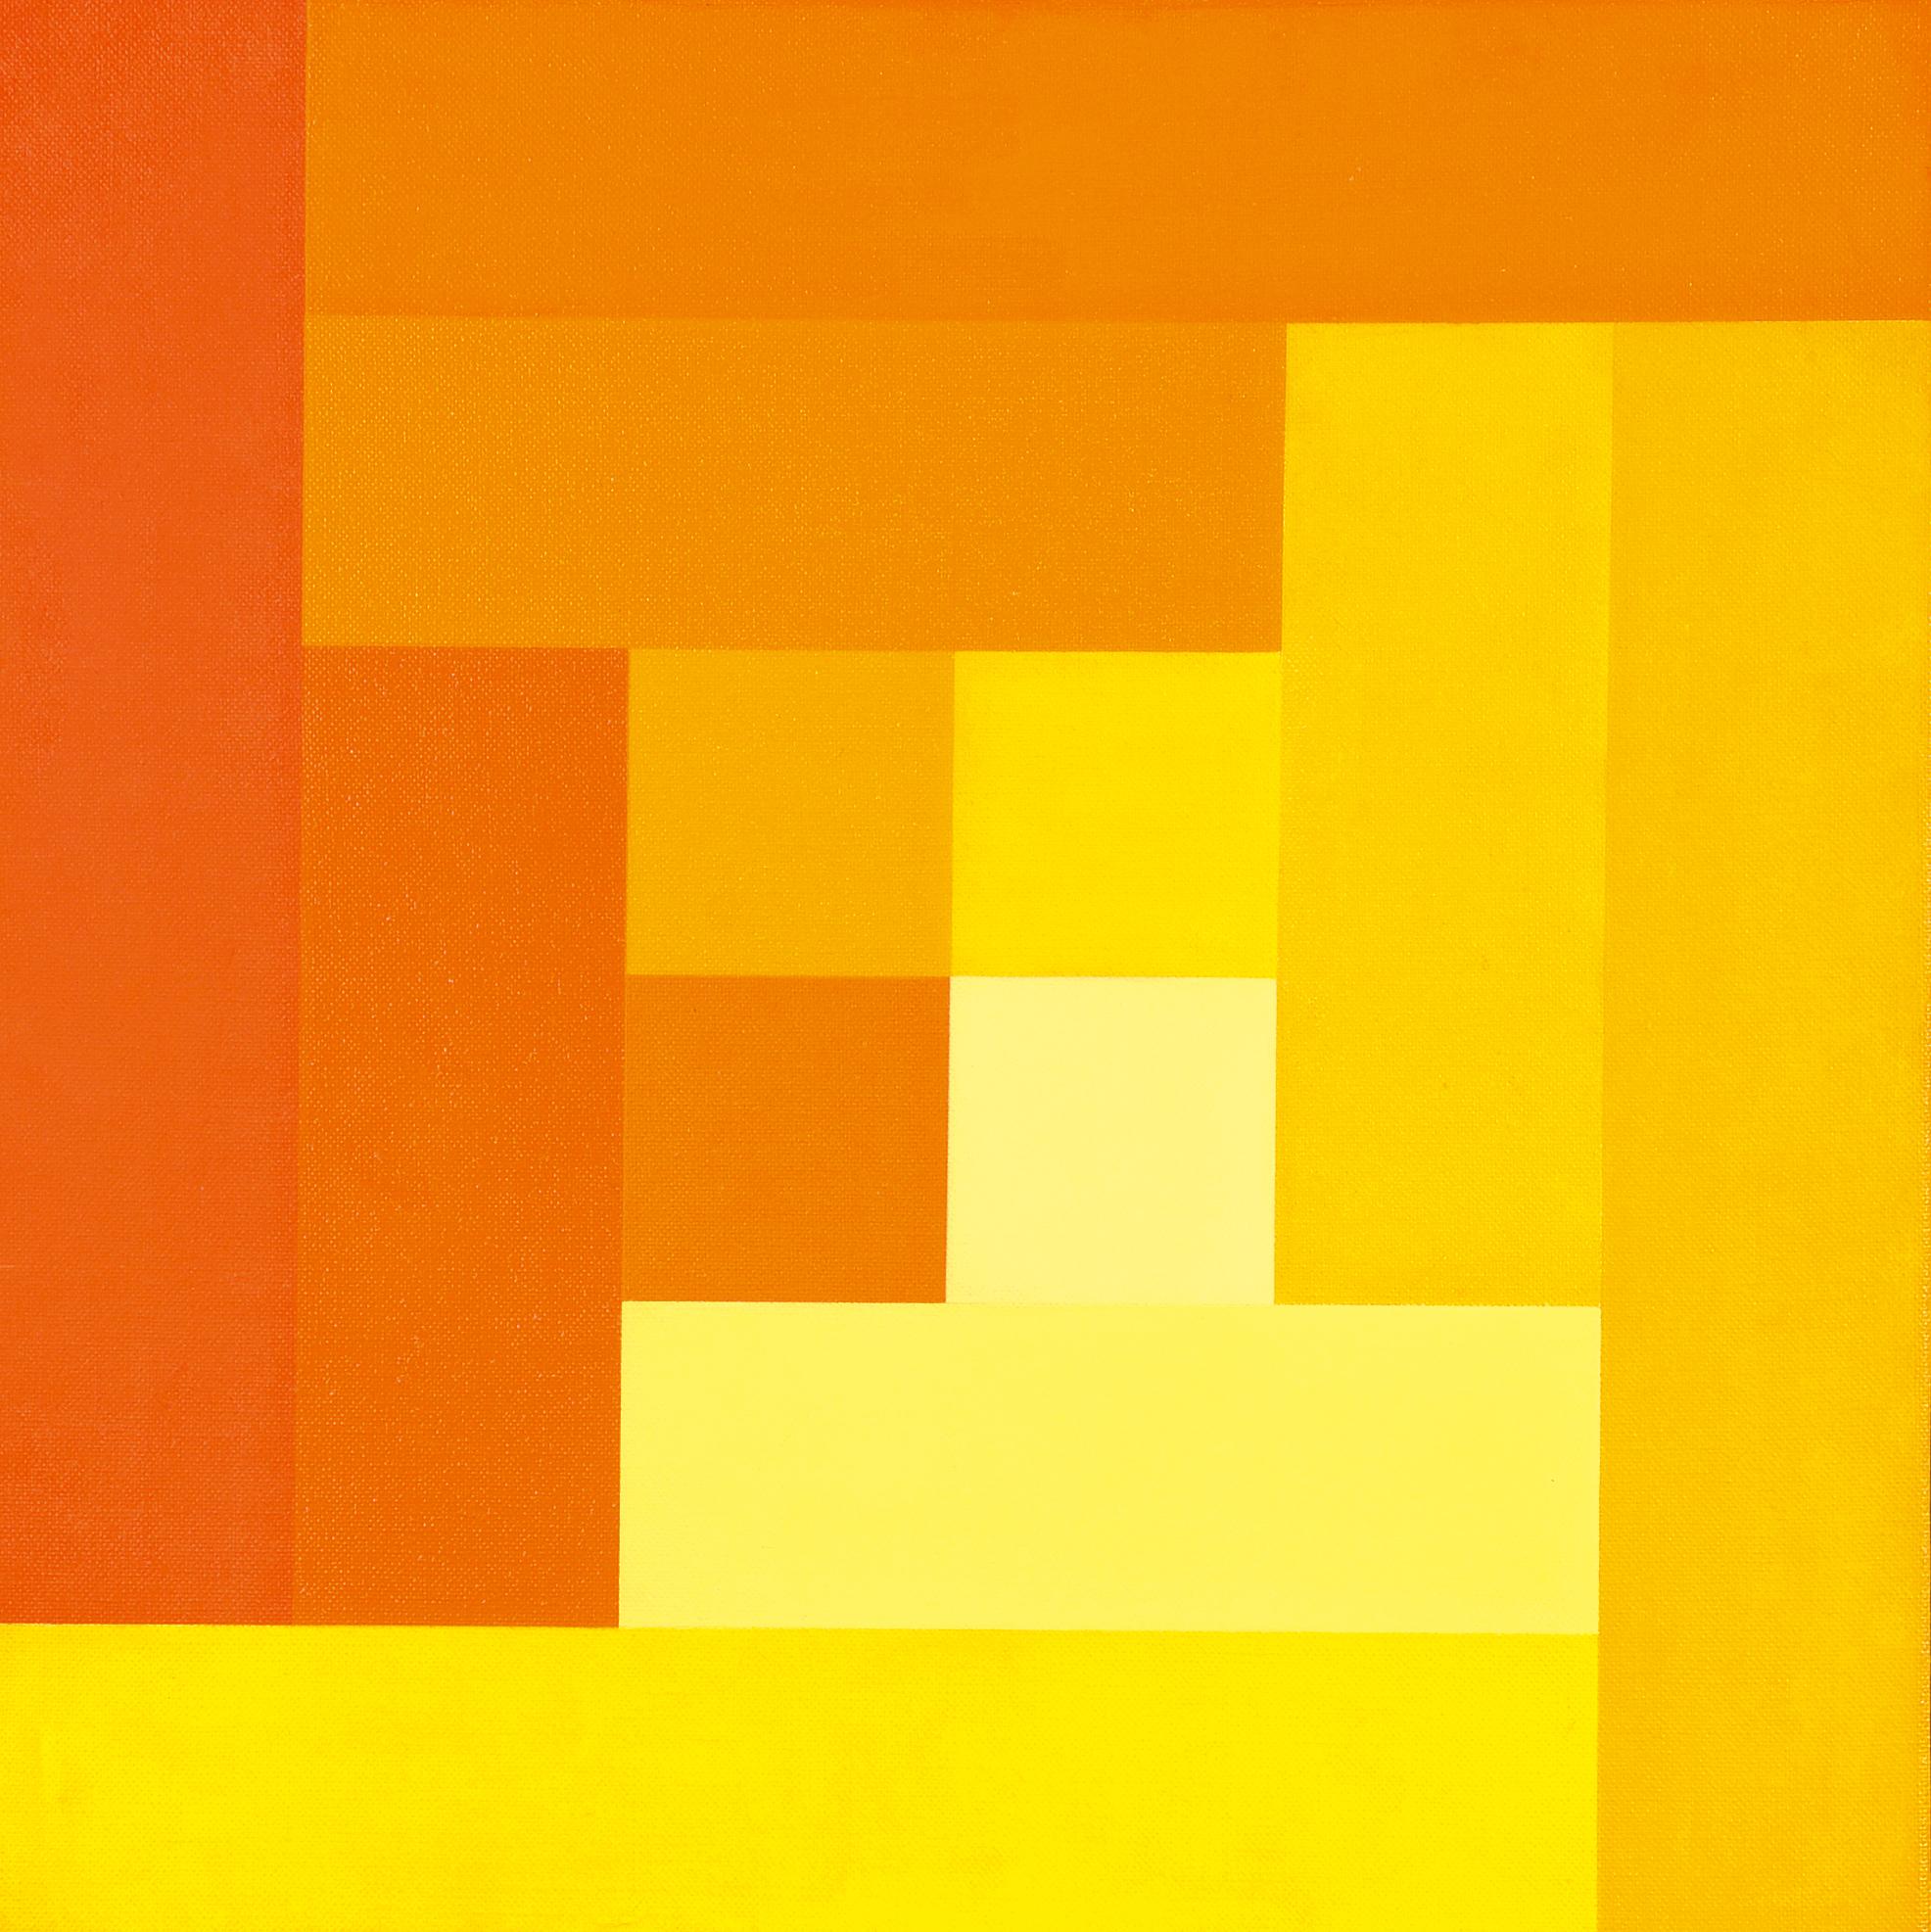 Lohse Richard Paul, Progression von vier gestuften Farben